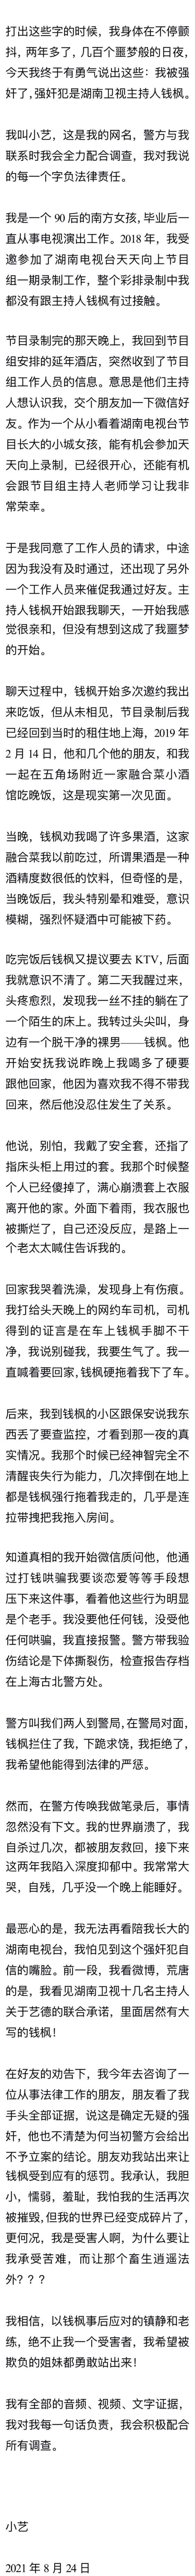 钱枫被举报涉嫌强奸 爆料女主晒聊天记录和监控!